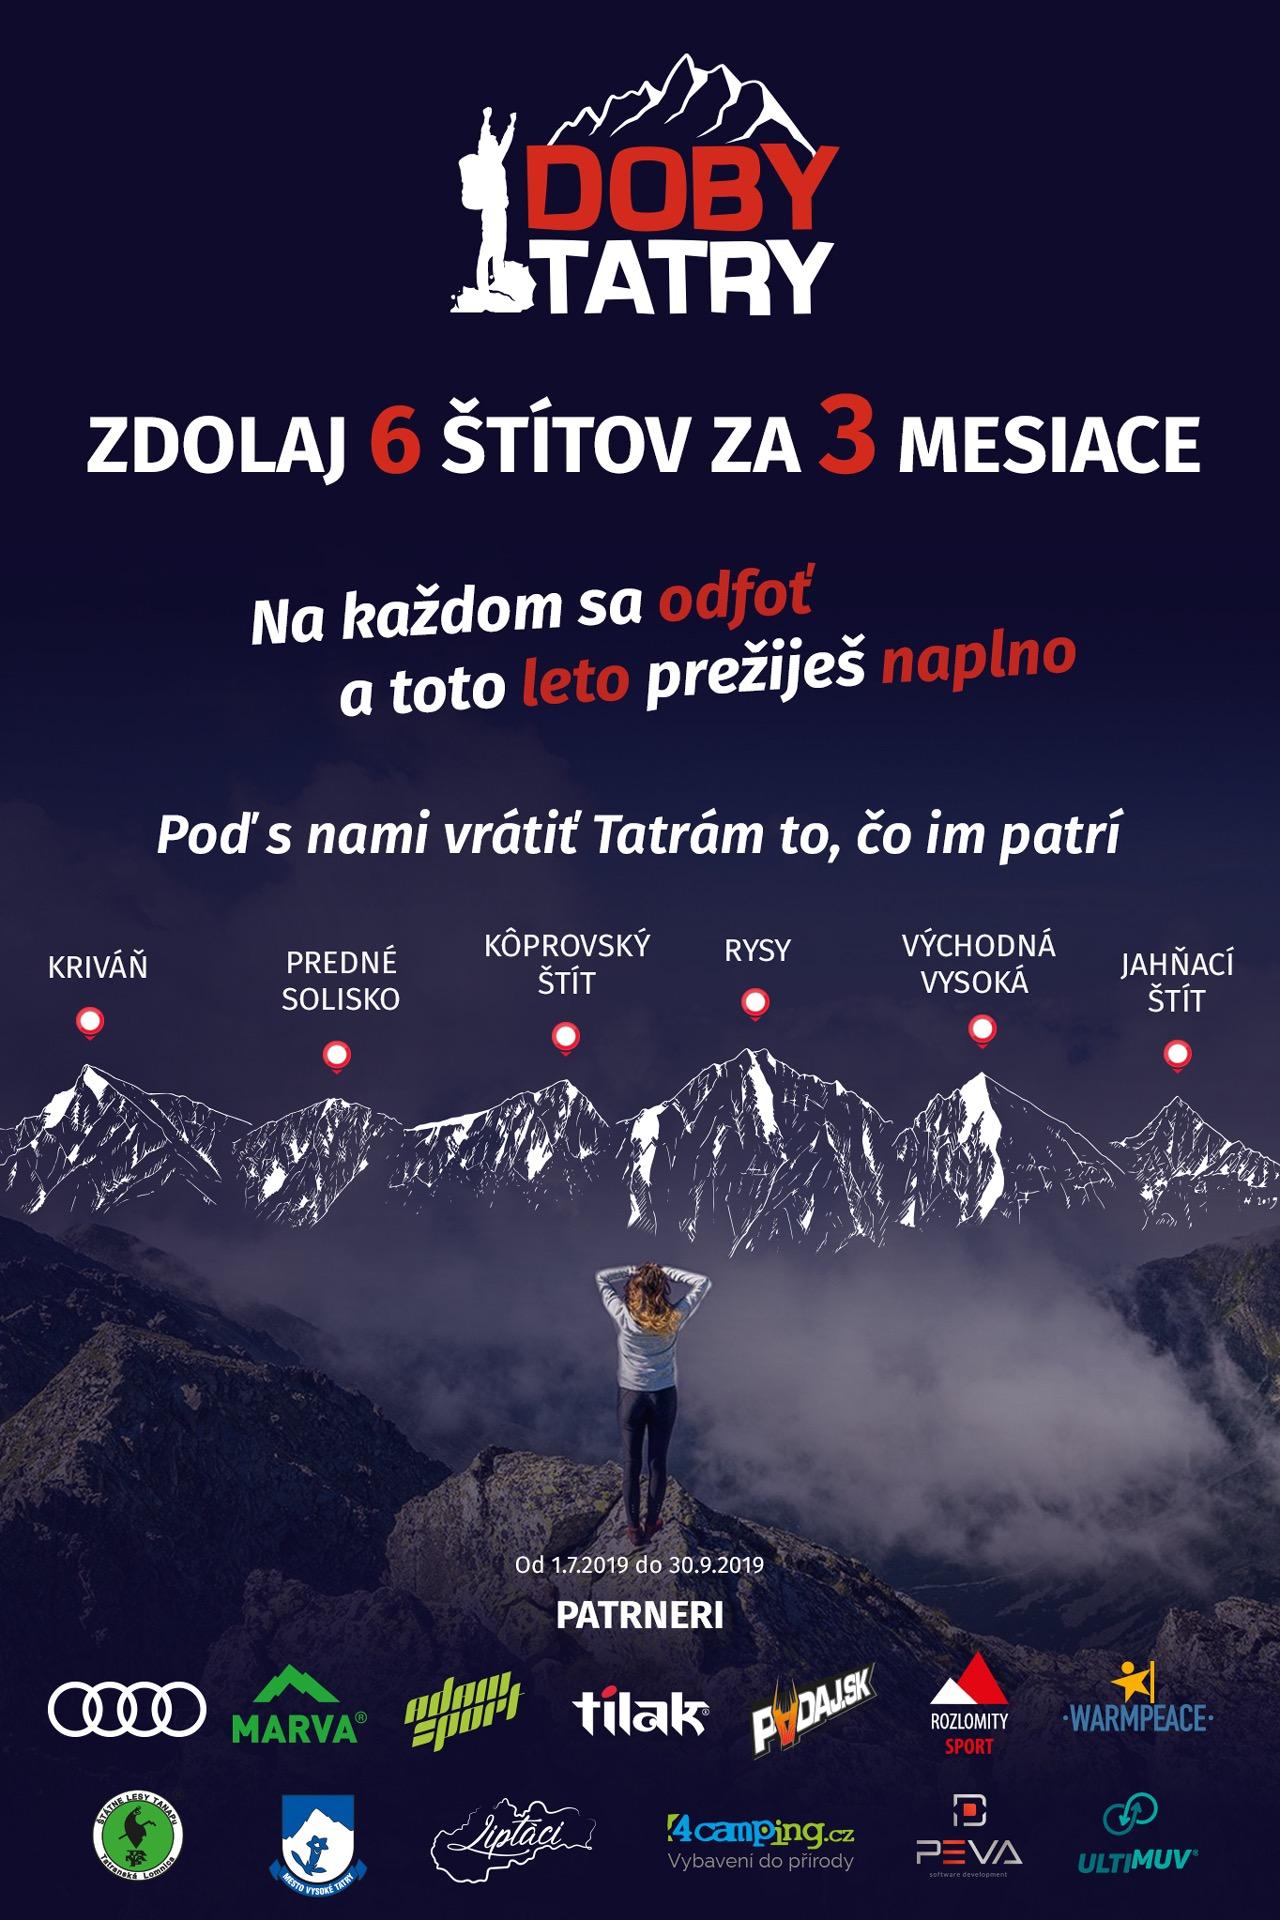 Doby Tatry